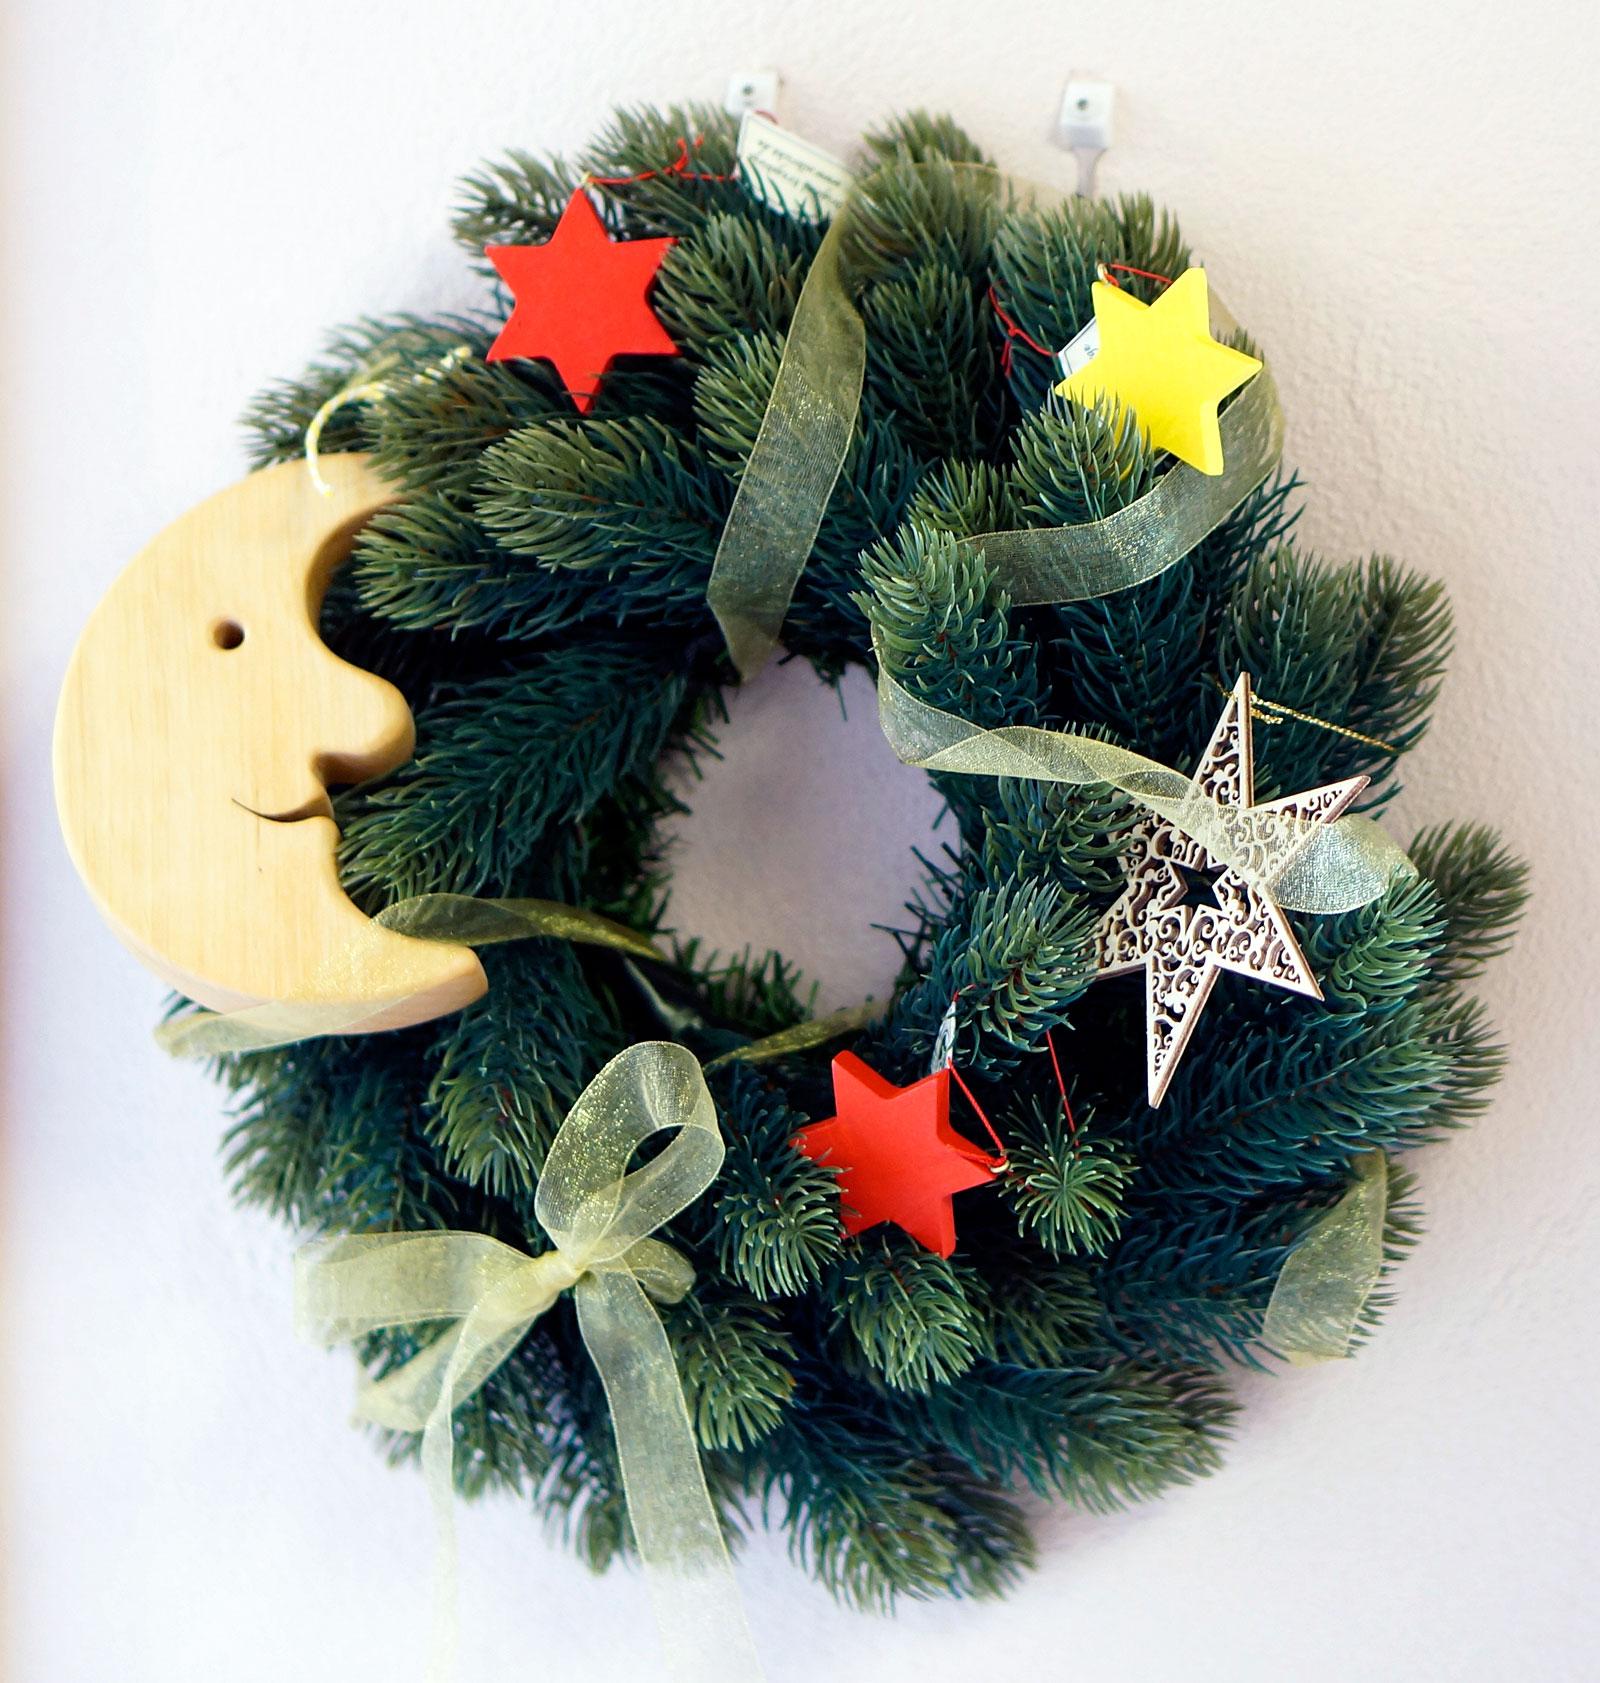 RSグローバルトレード社のクリスマスツリー リース